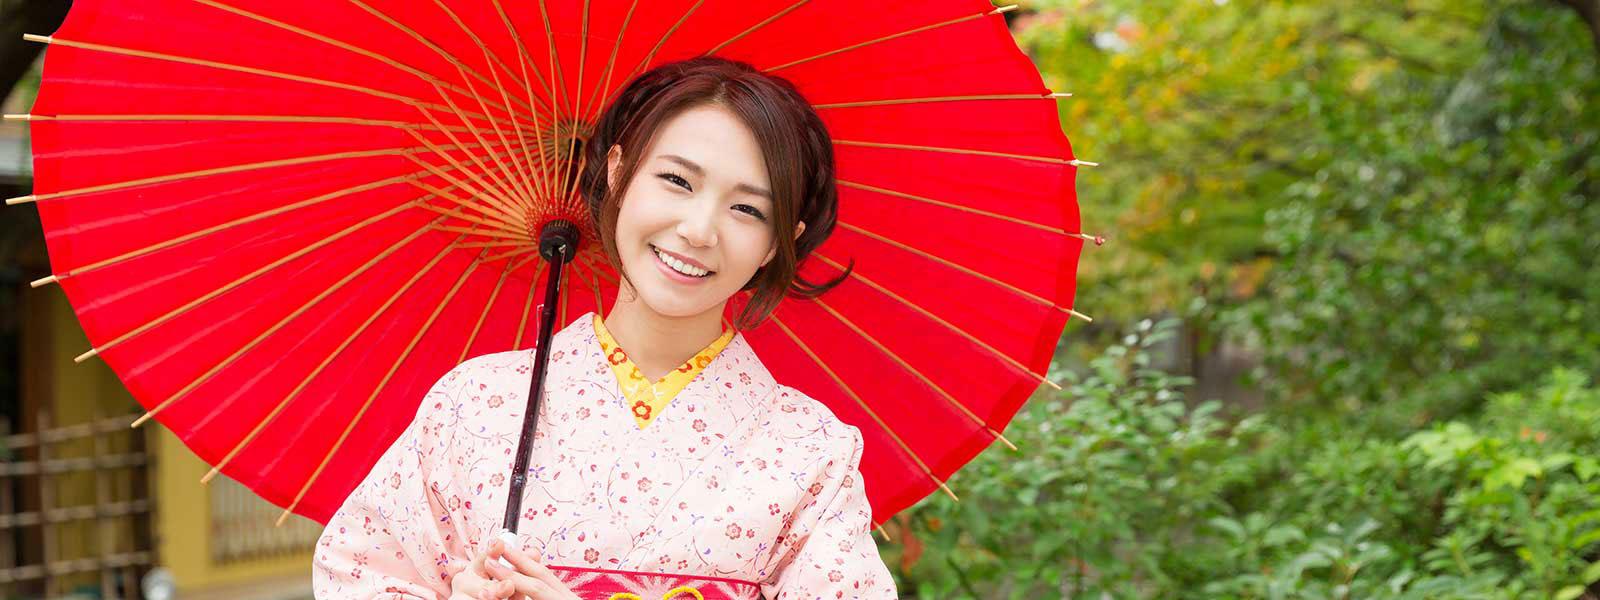 Junge Japanerin (Geisha) mit Schirm